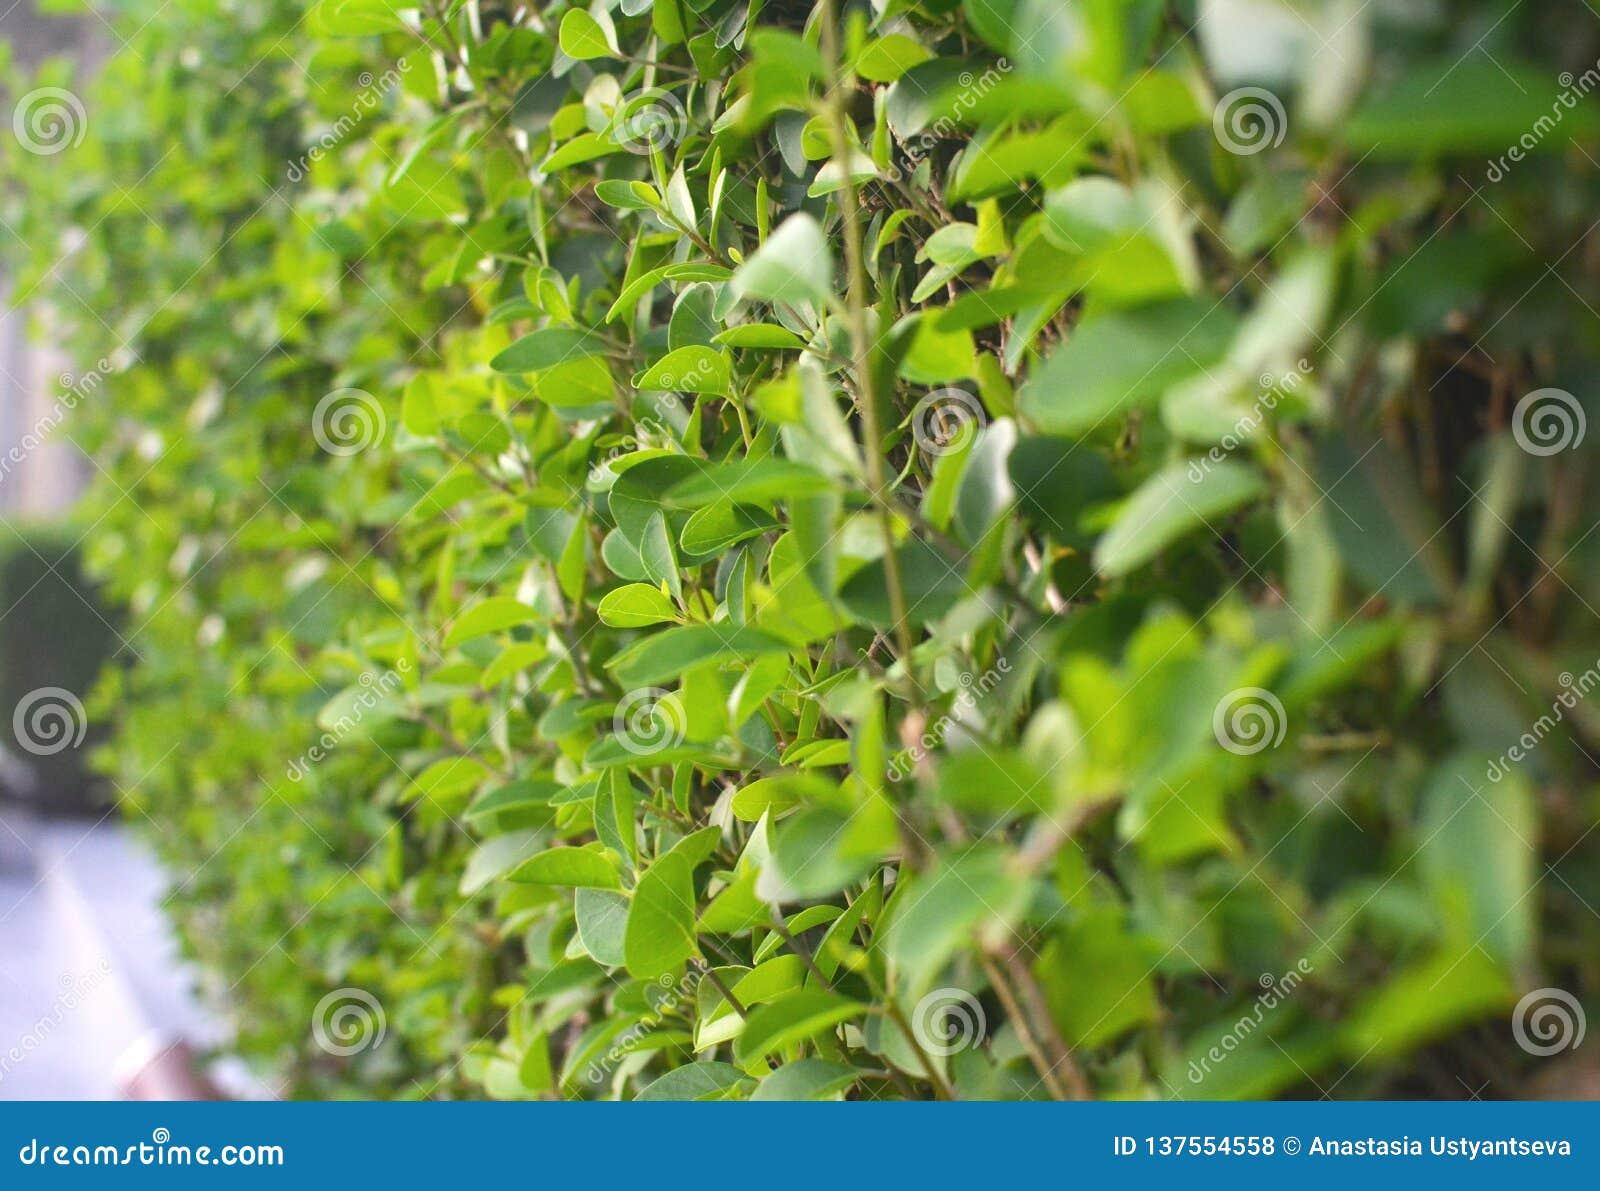 Zweige mit grünen Blättern Saftige Grüns